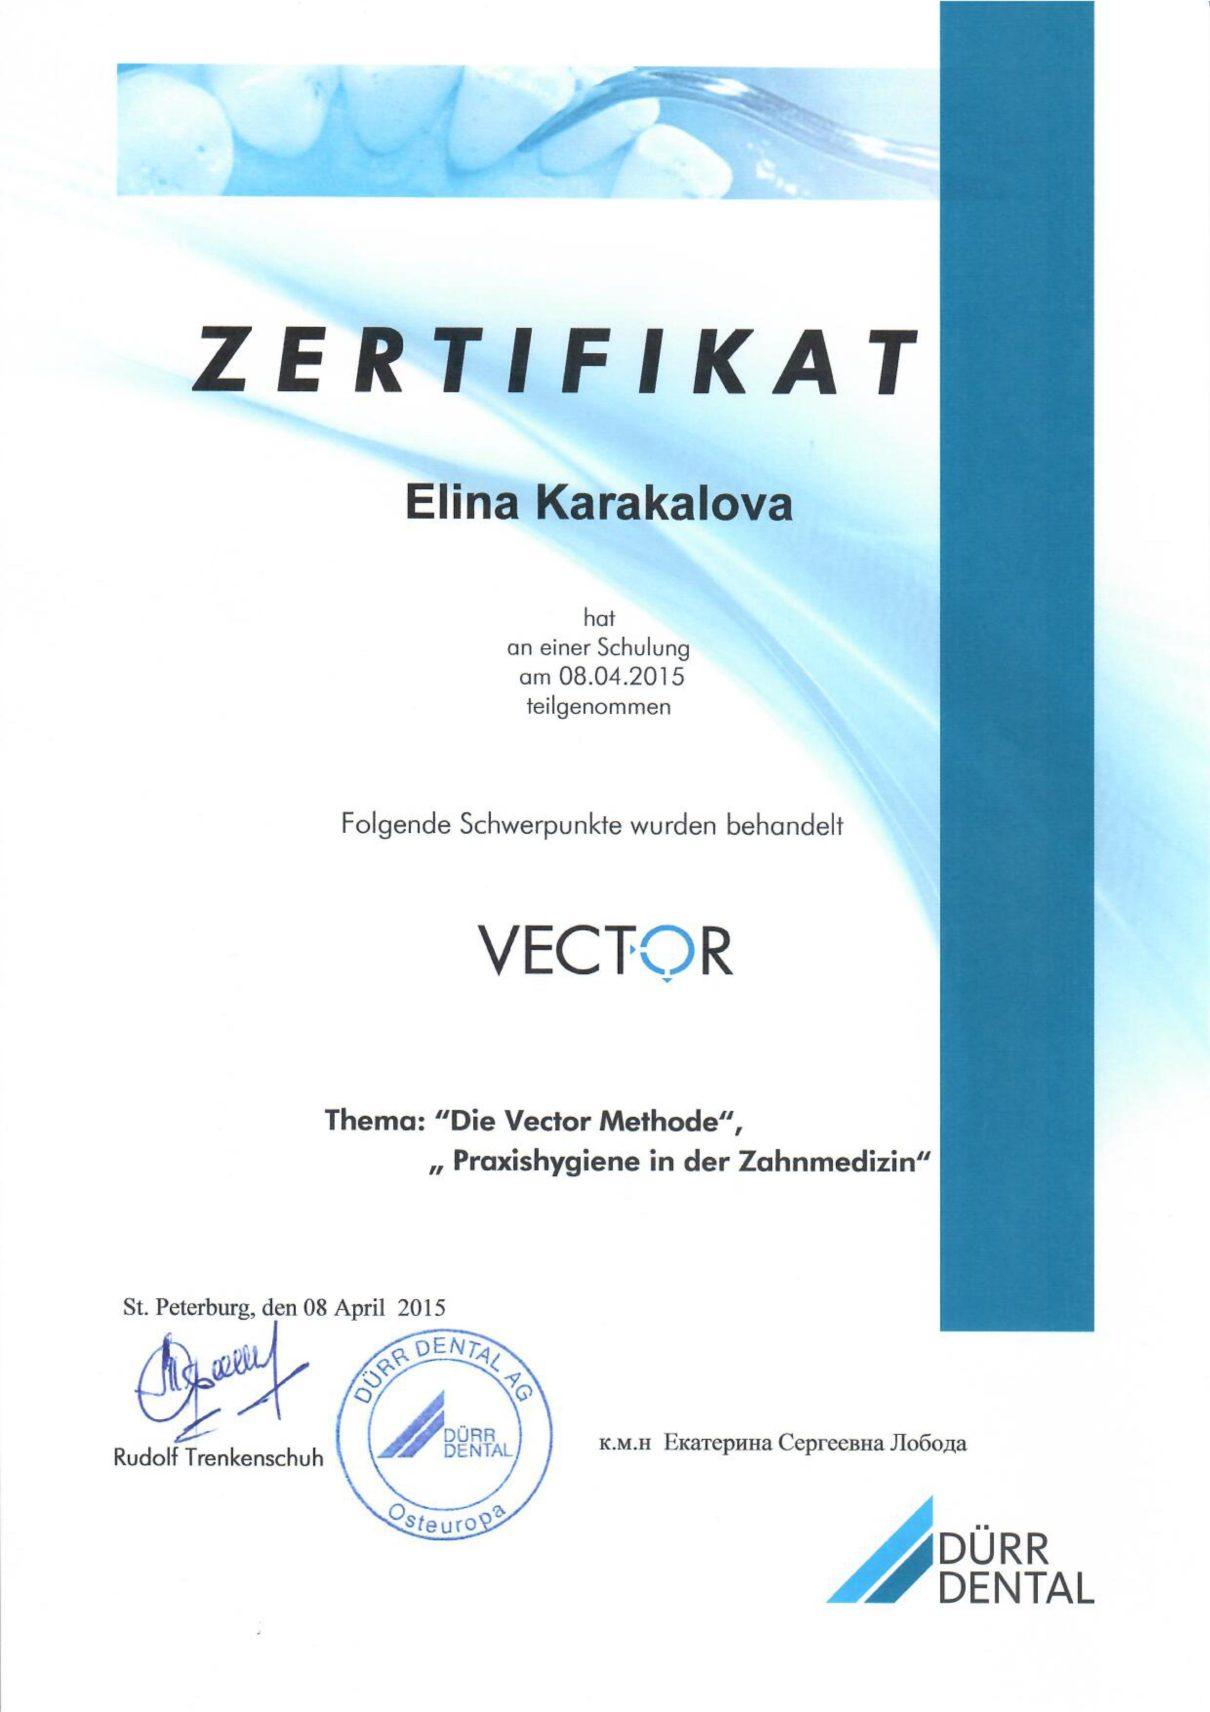 2015 Die Vector Methode, Praxishygienein der Zahnmedizin